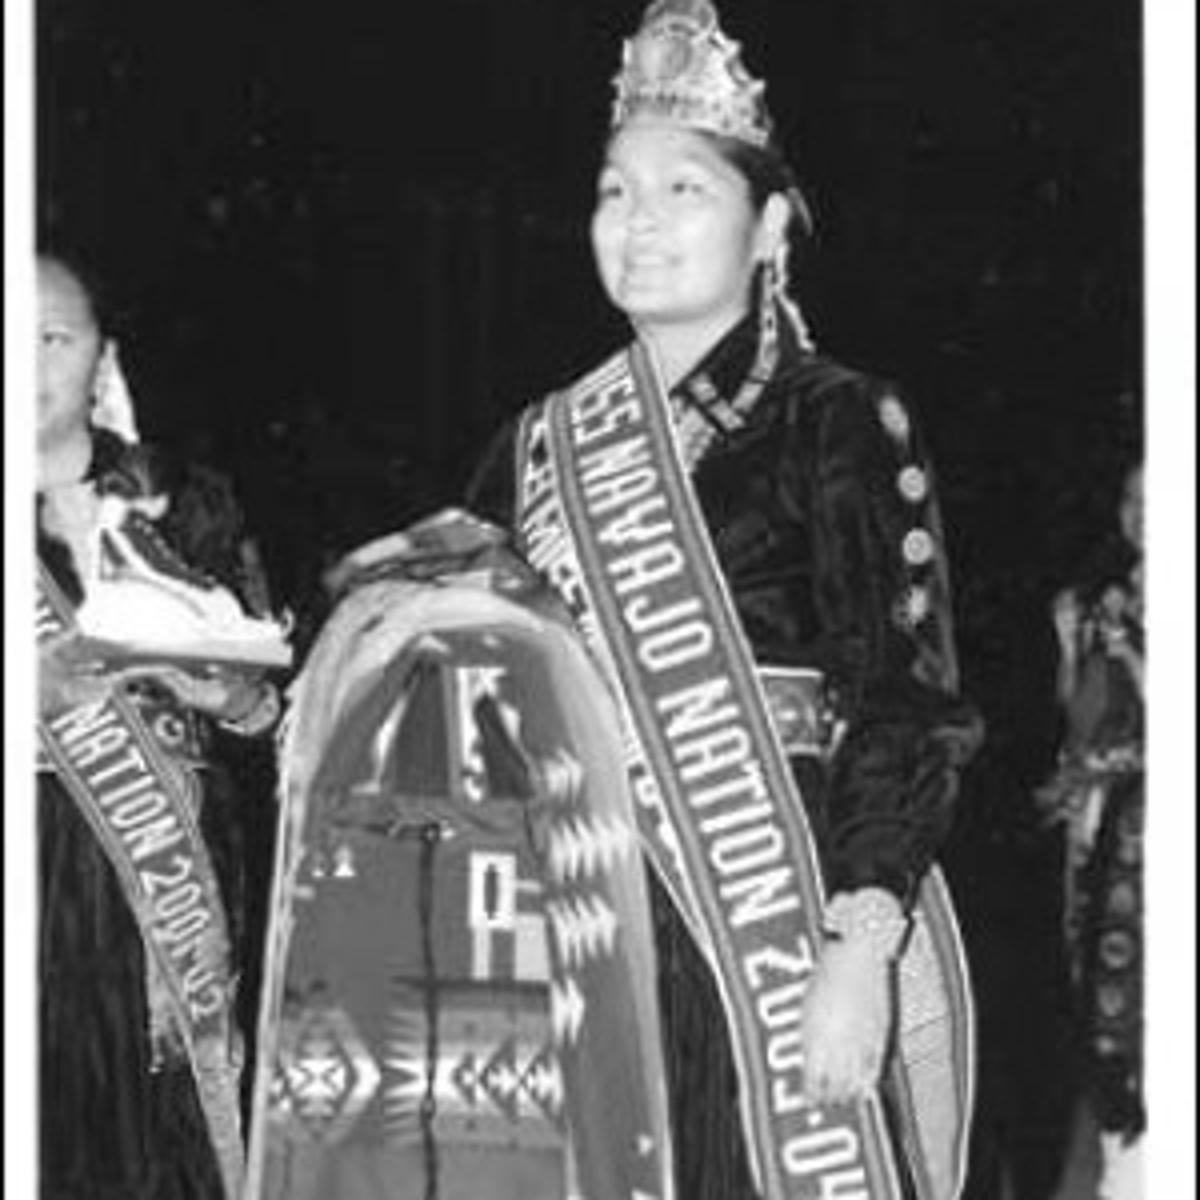 Celebrating Miss Navajo: Annual Pageant Preserves Navajo